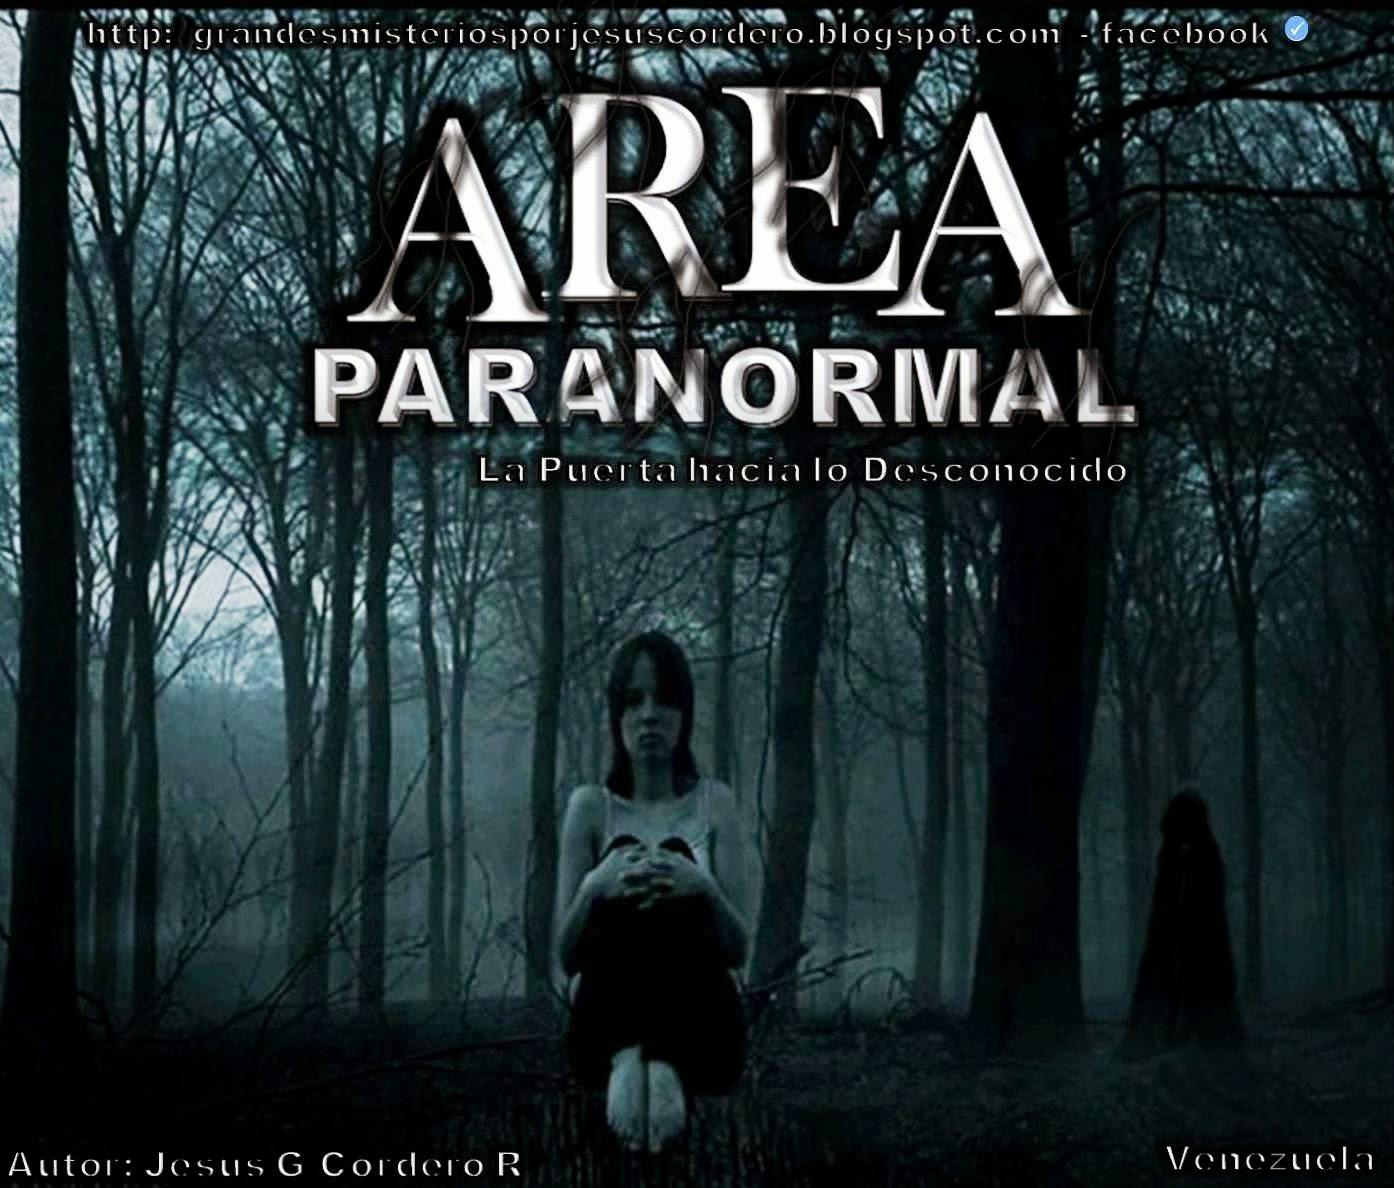 http://3.bp.blogspot.com/-Dw0lrfDW0Dc/U_a9tOiWP0I/AAAAAAAAFO4/-GTquoRrrSk/s1600/facebook.jpg